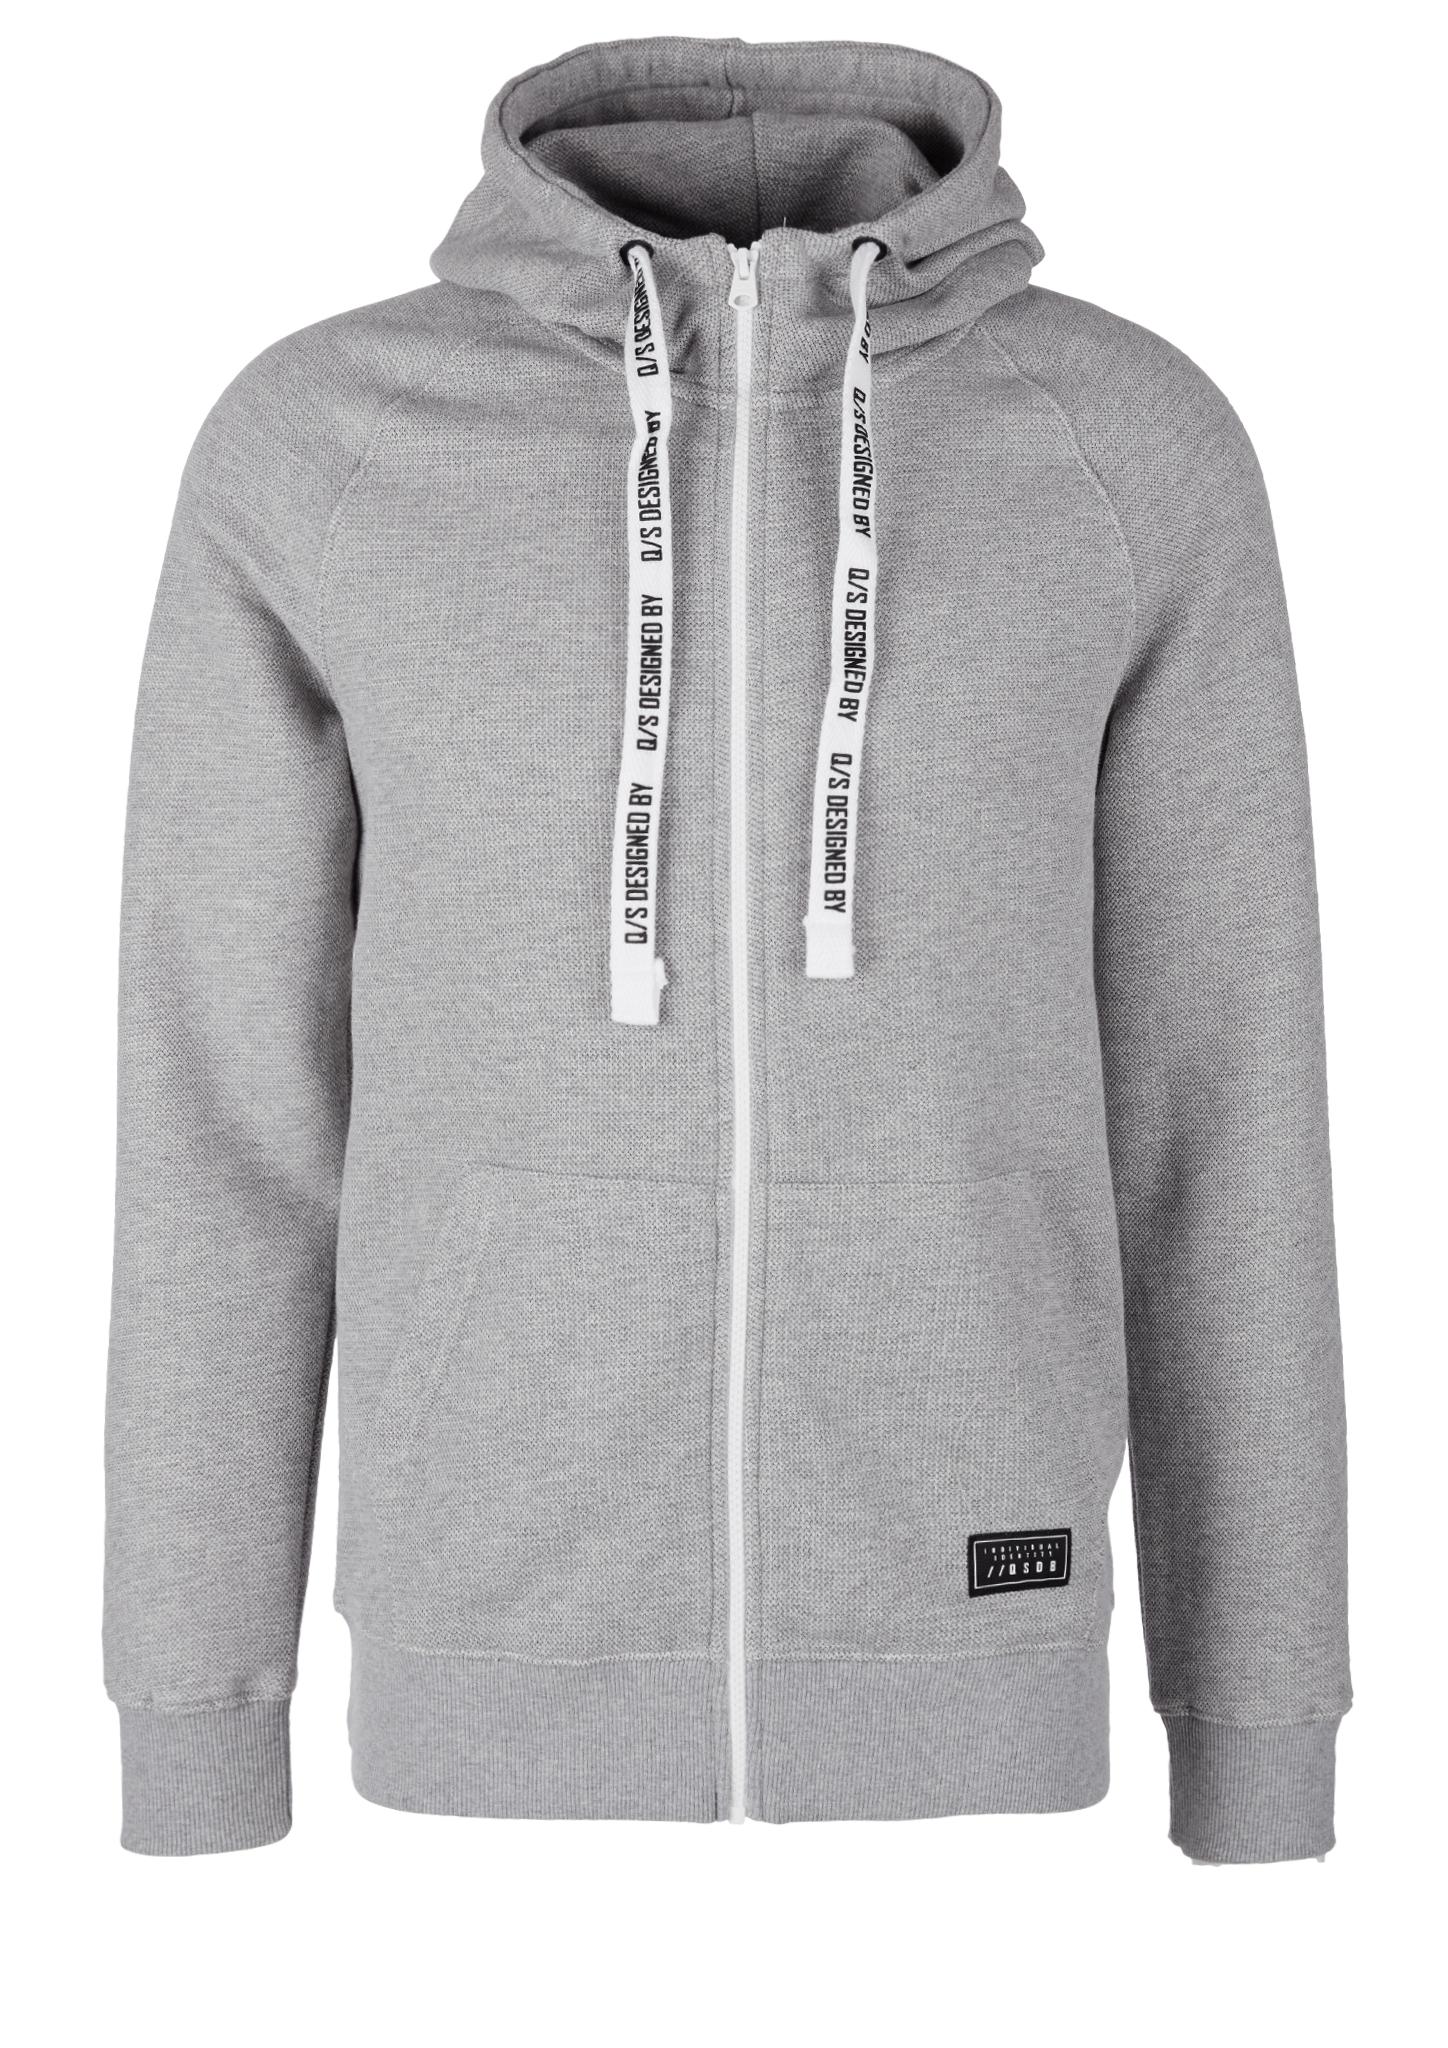 Jacke | Bekleidung > Jacken > Sonstige Jacken | Grau | 94% baumwolle -  6% polyester | Q/S designed by